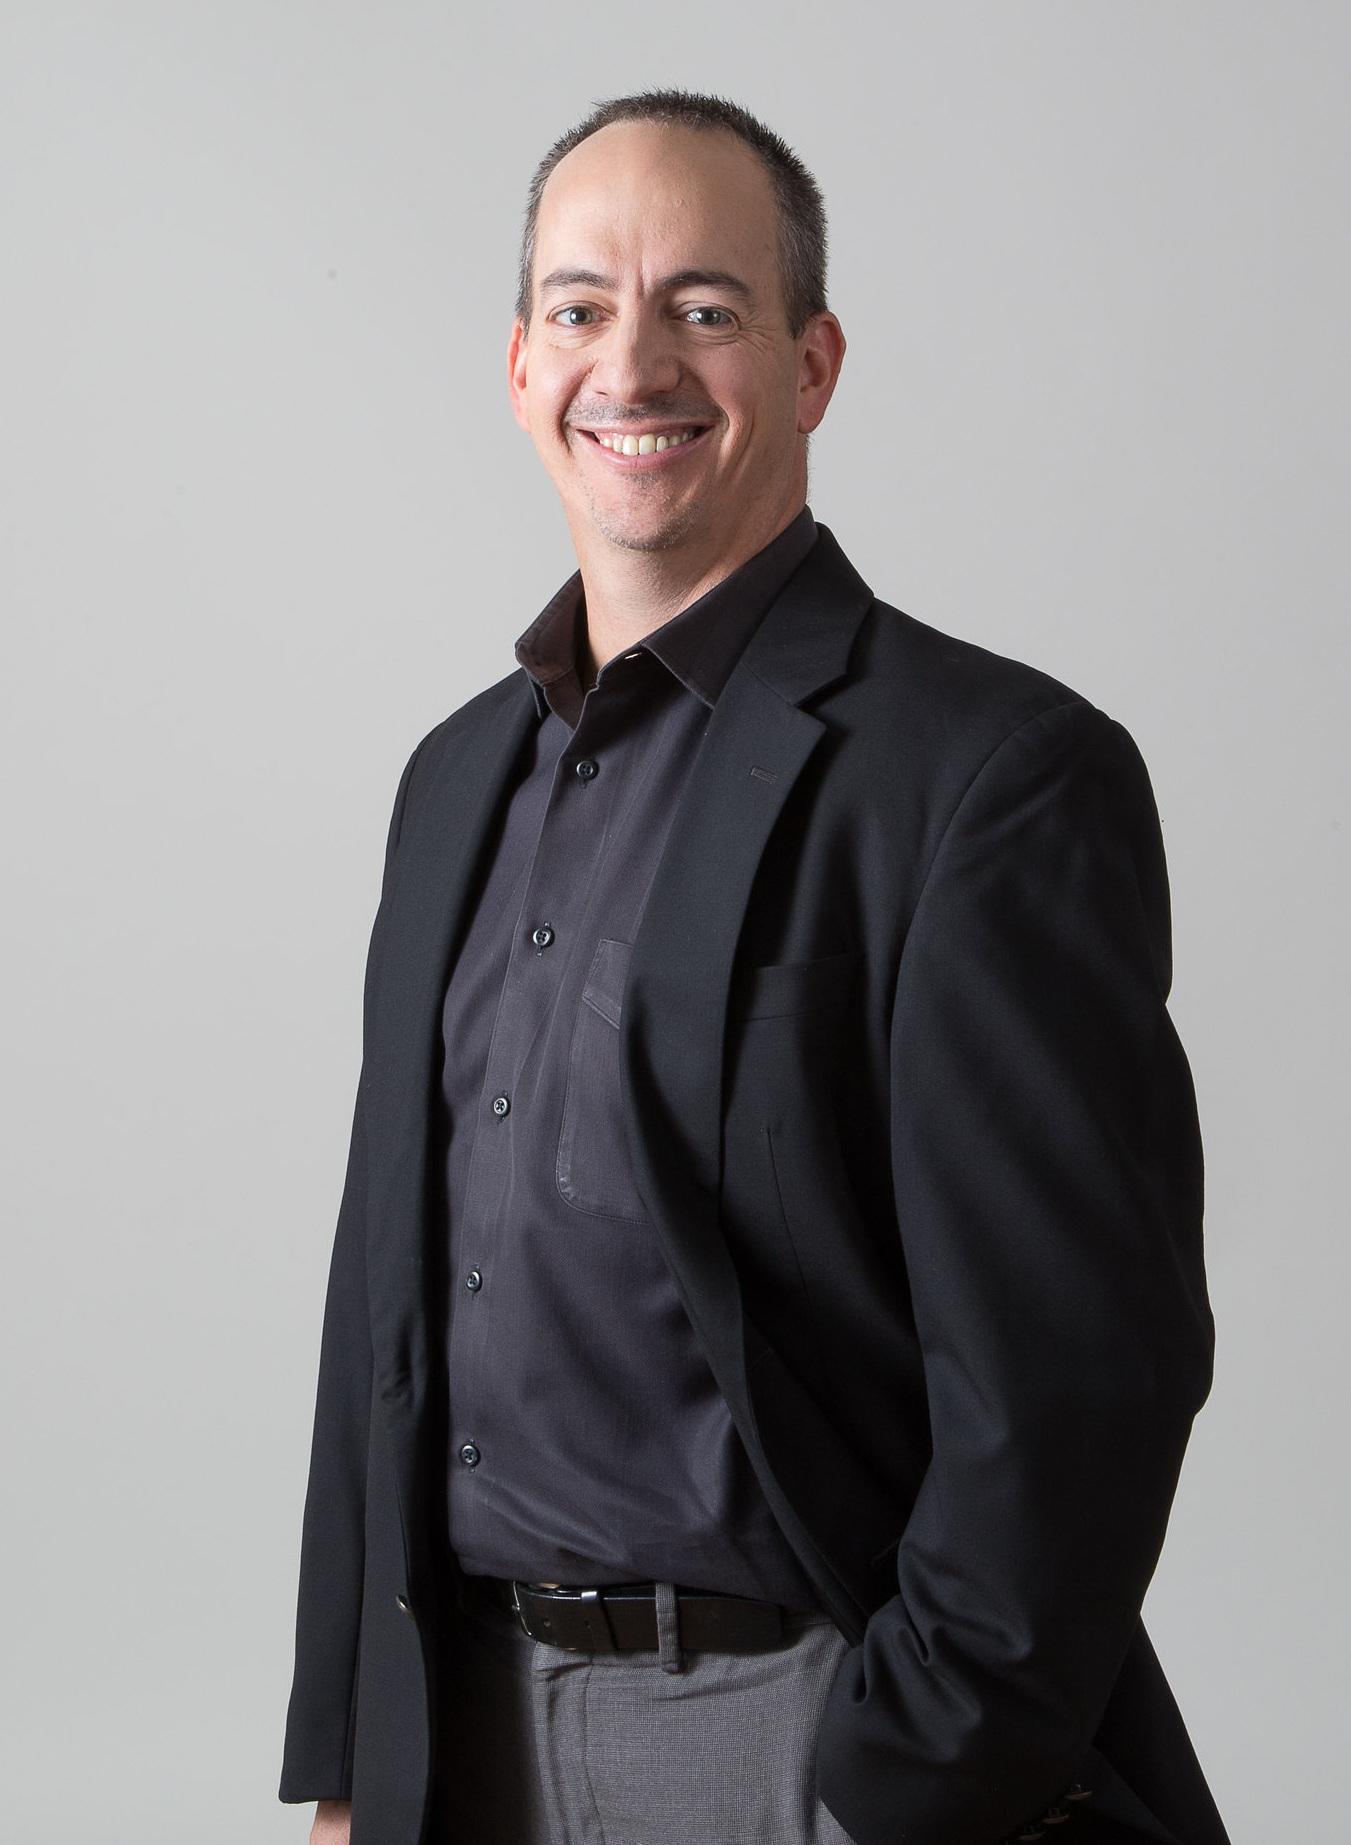 Steve Droll, Principal